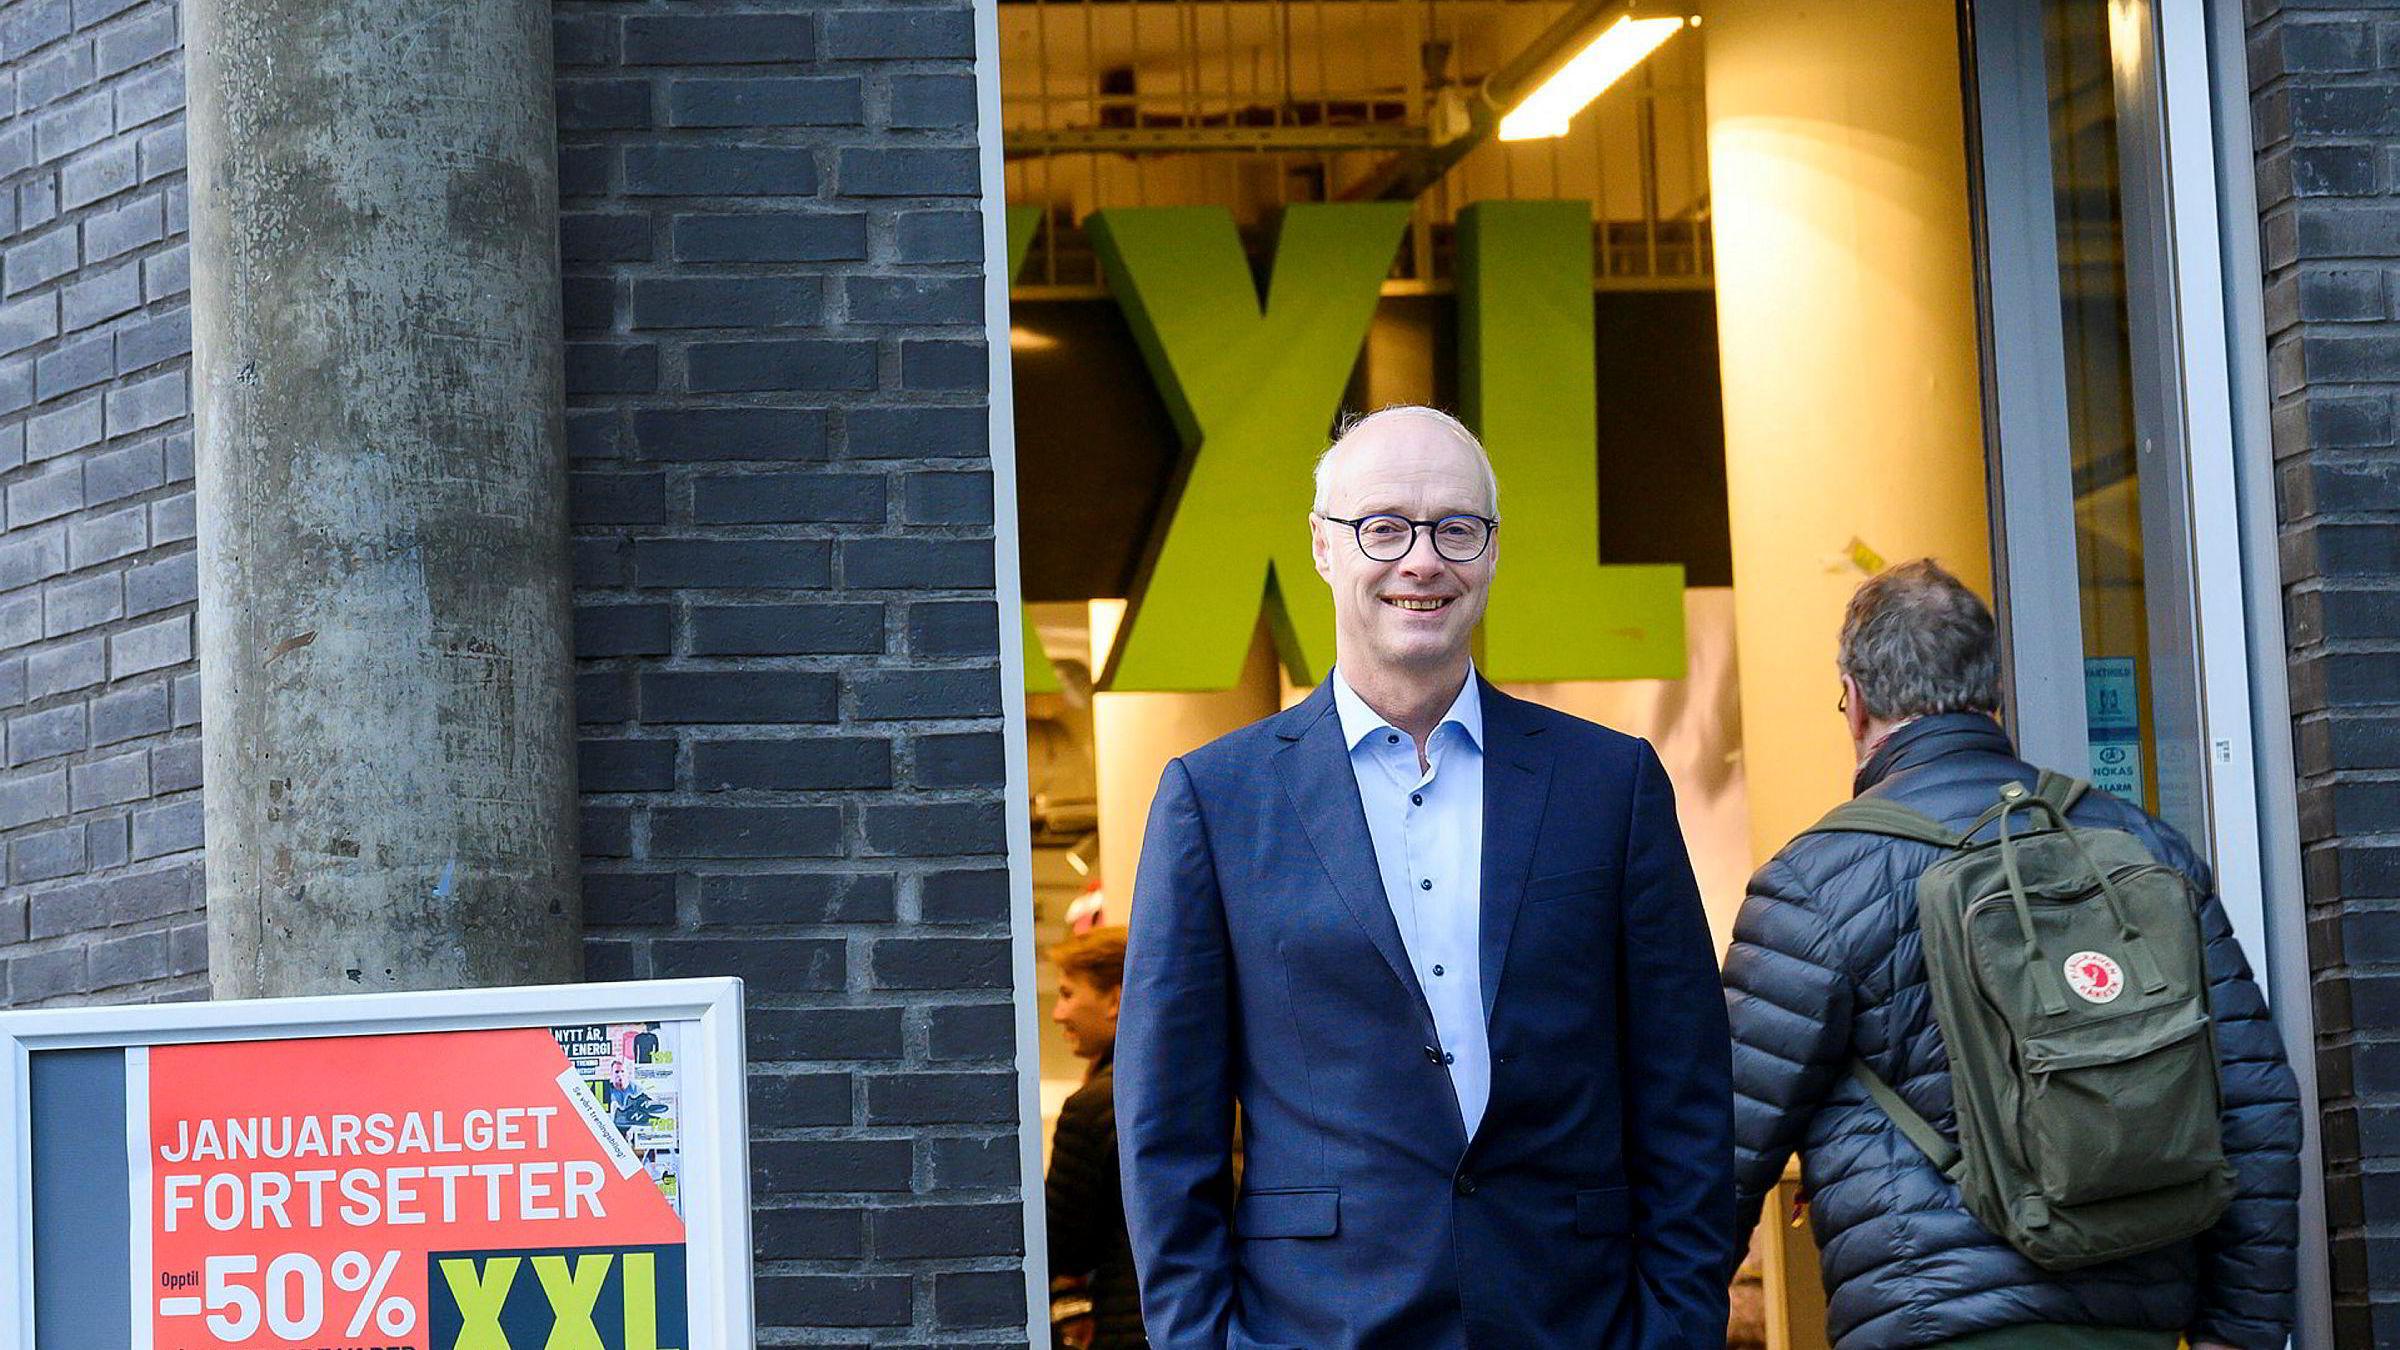 Europris-sjefen Pål Wibe blir ny XXL-sjef. Her fotografert utenfor XXL i Sørkedalsveien. ---